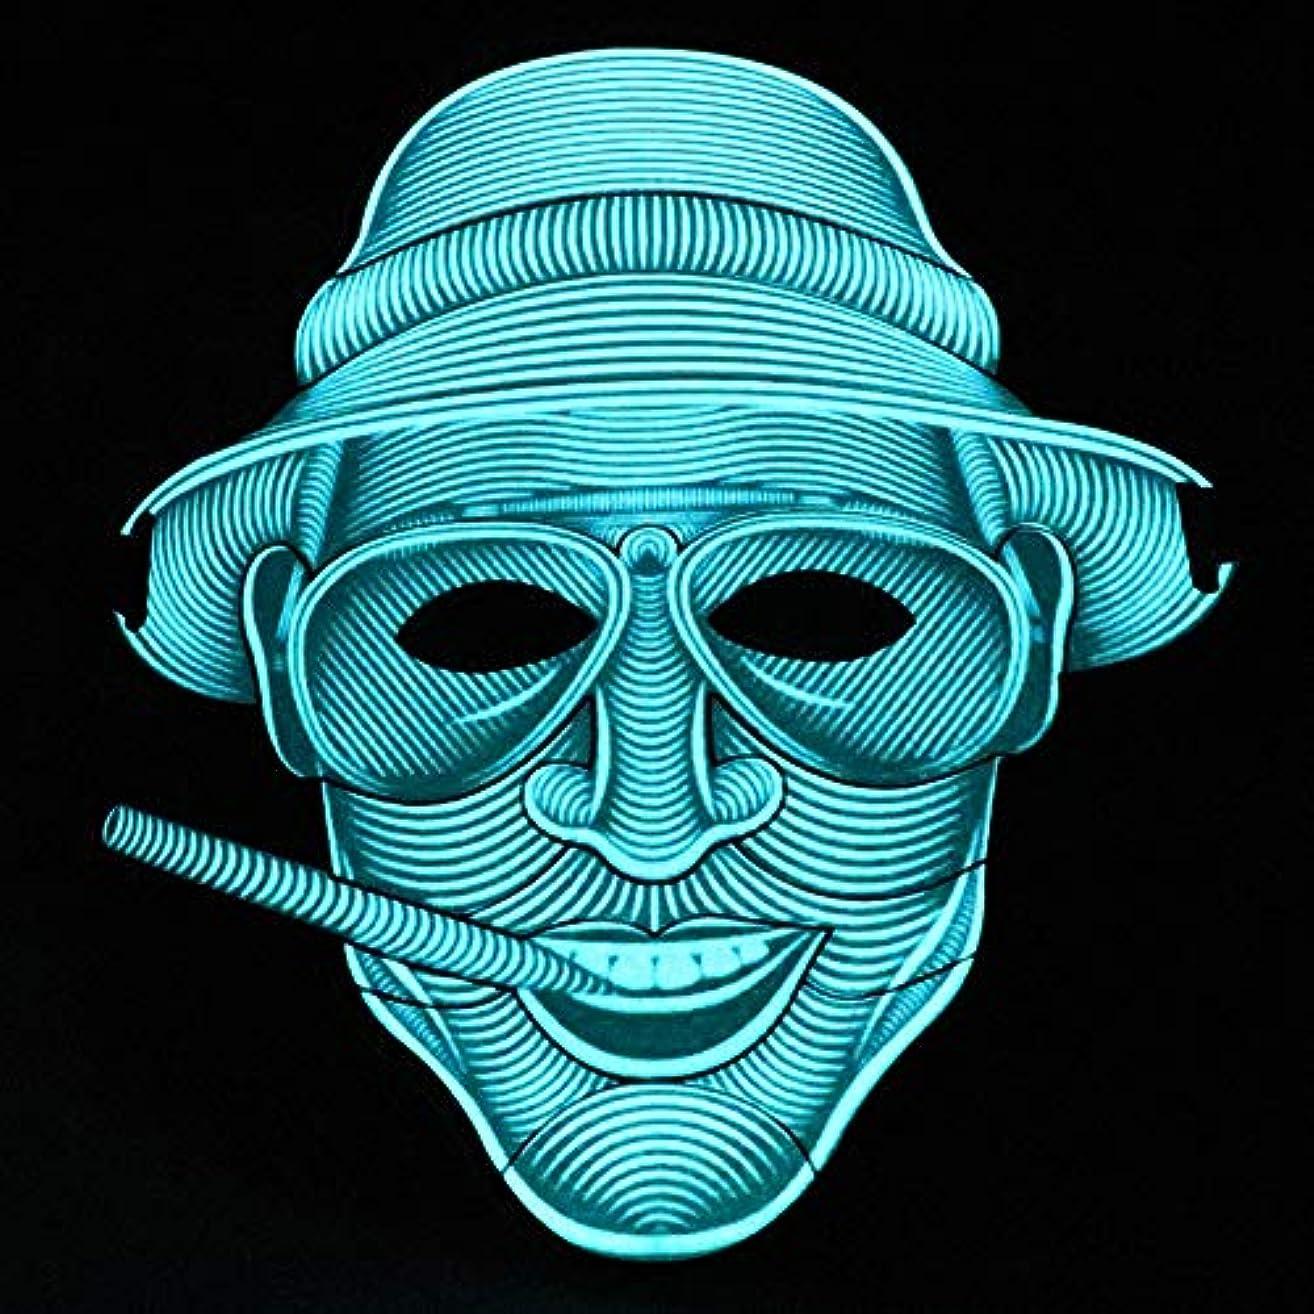 知事無視する麻酔薬照らされたマスクLED創造的な冷光音響制御マスクハロウィンバーフェスティバルダンスマスク (Color : #6)